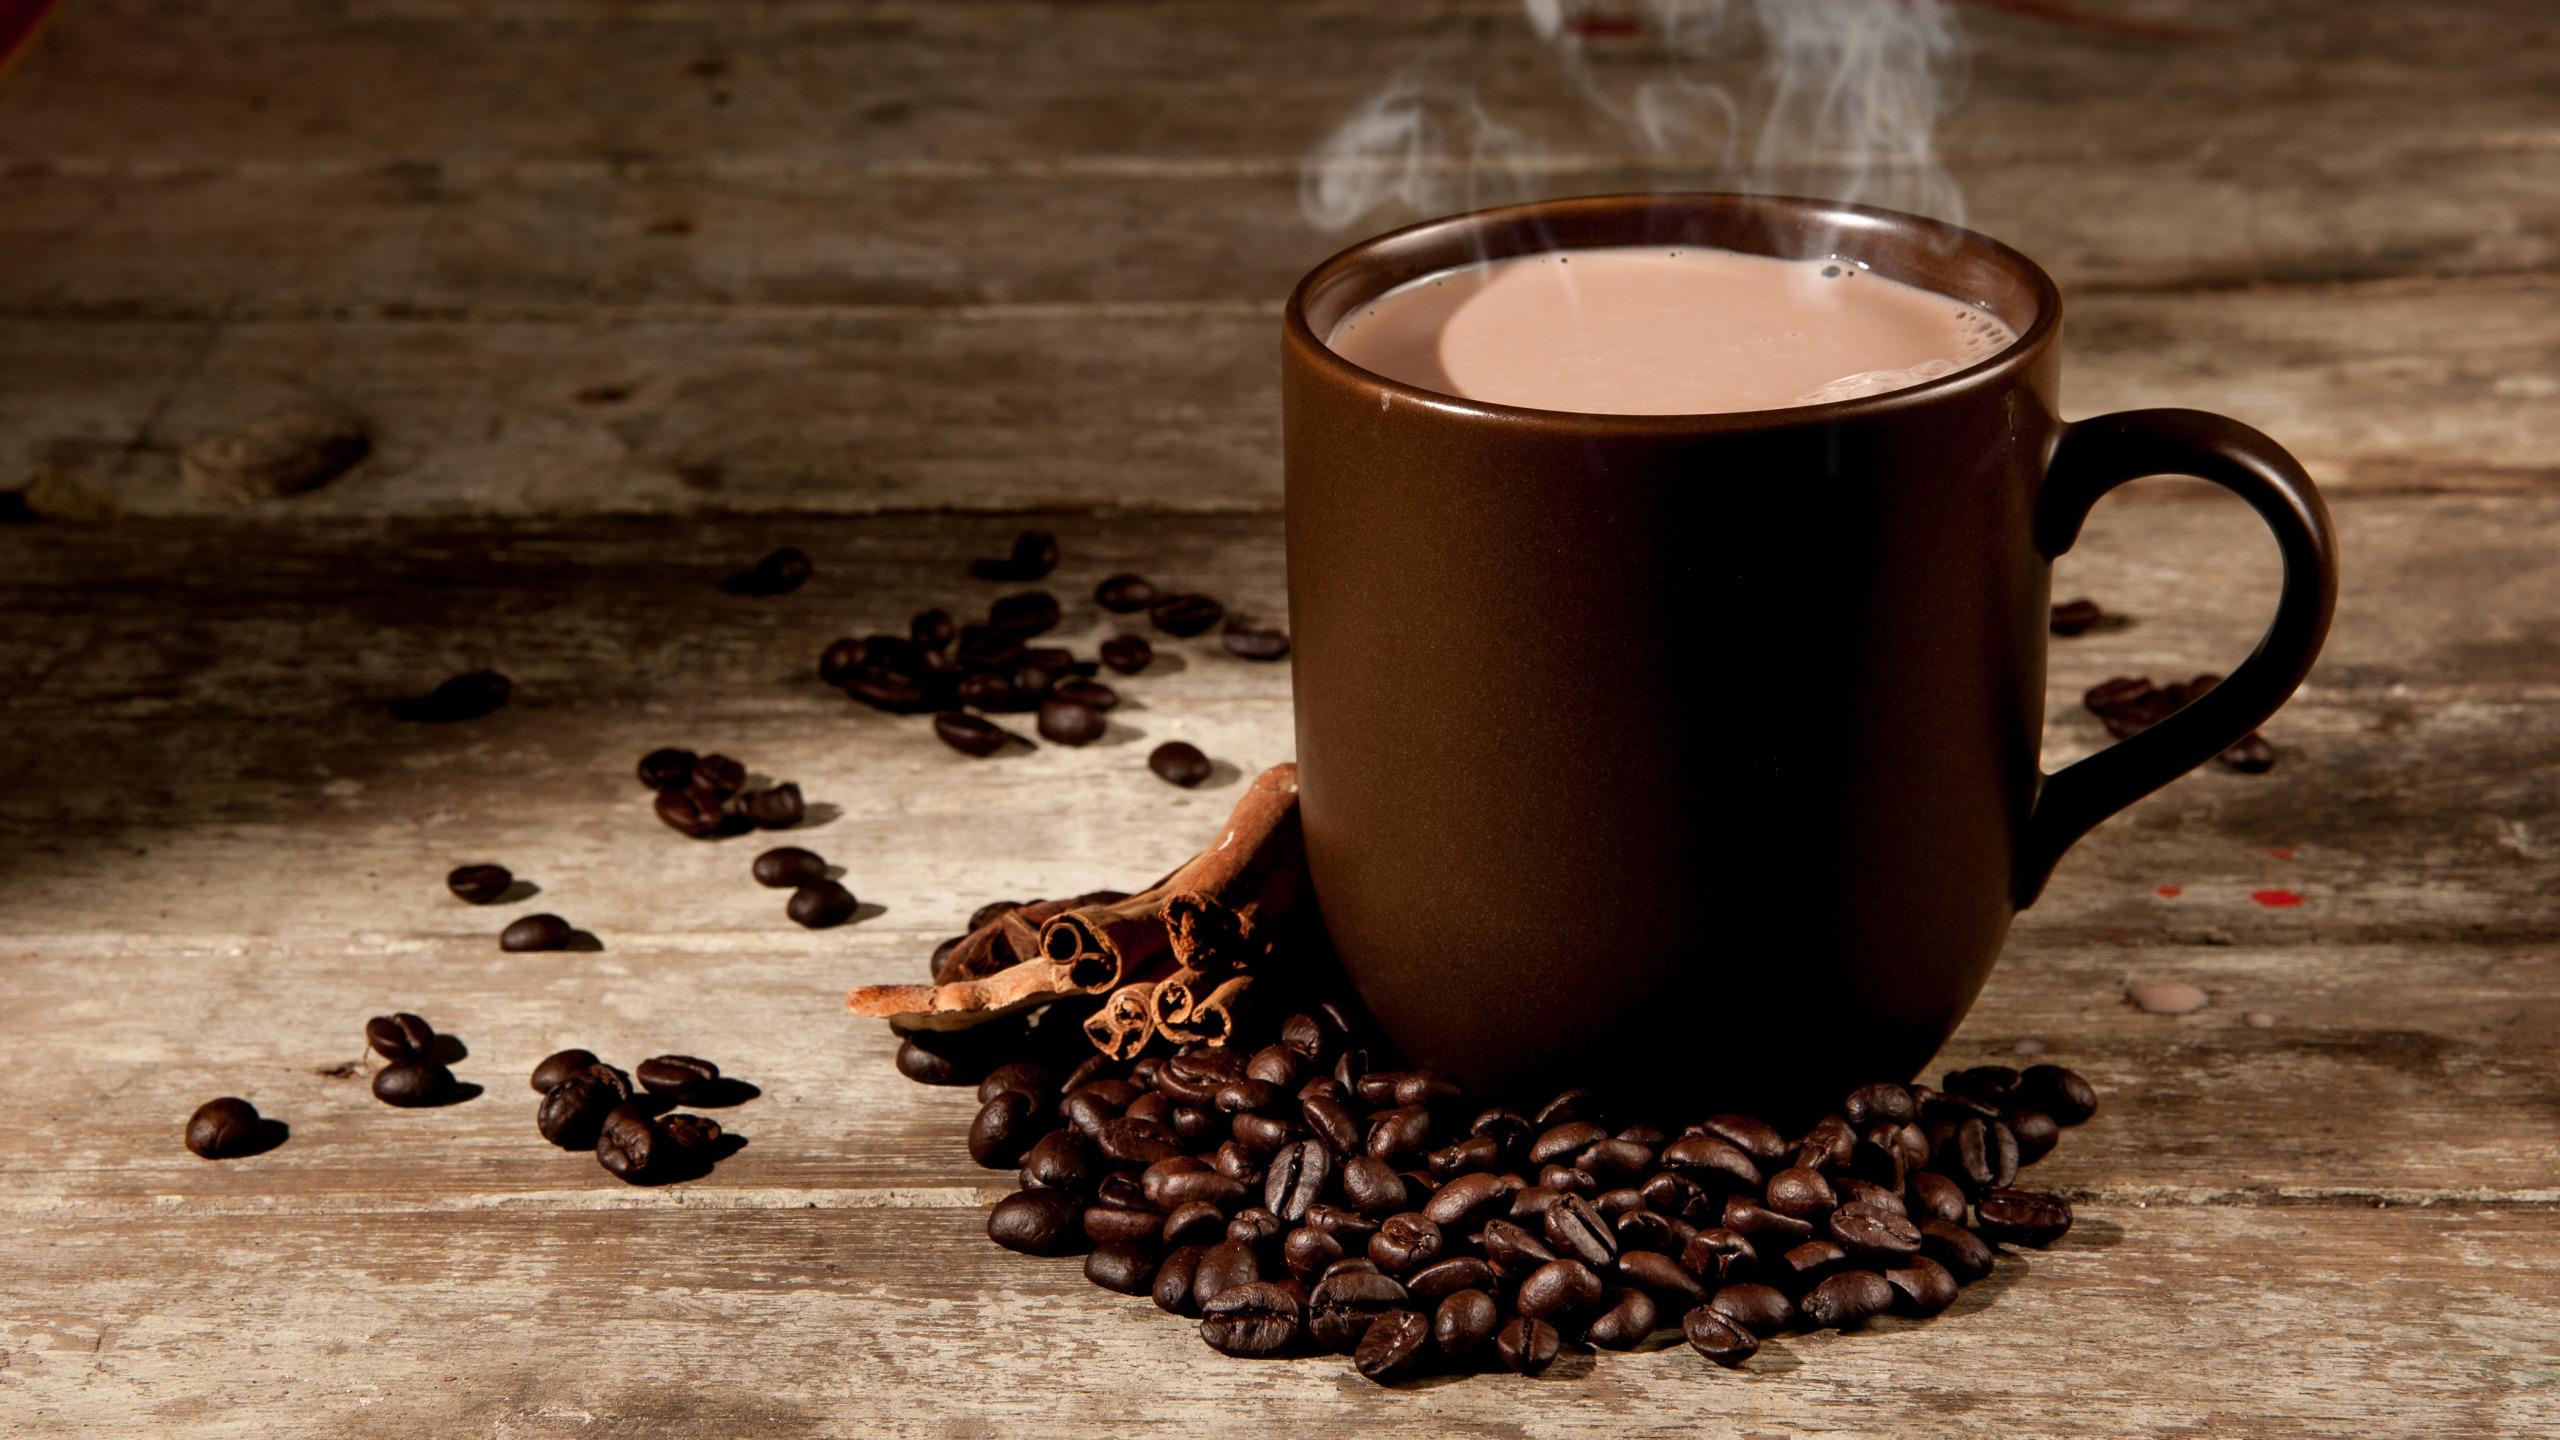 корица кофе чашка cinnamon coffee Cup  № 1119802 бесплатно